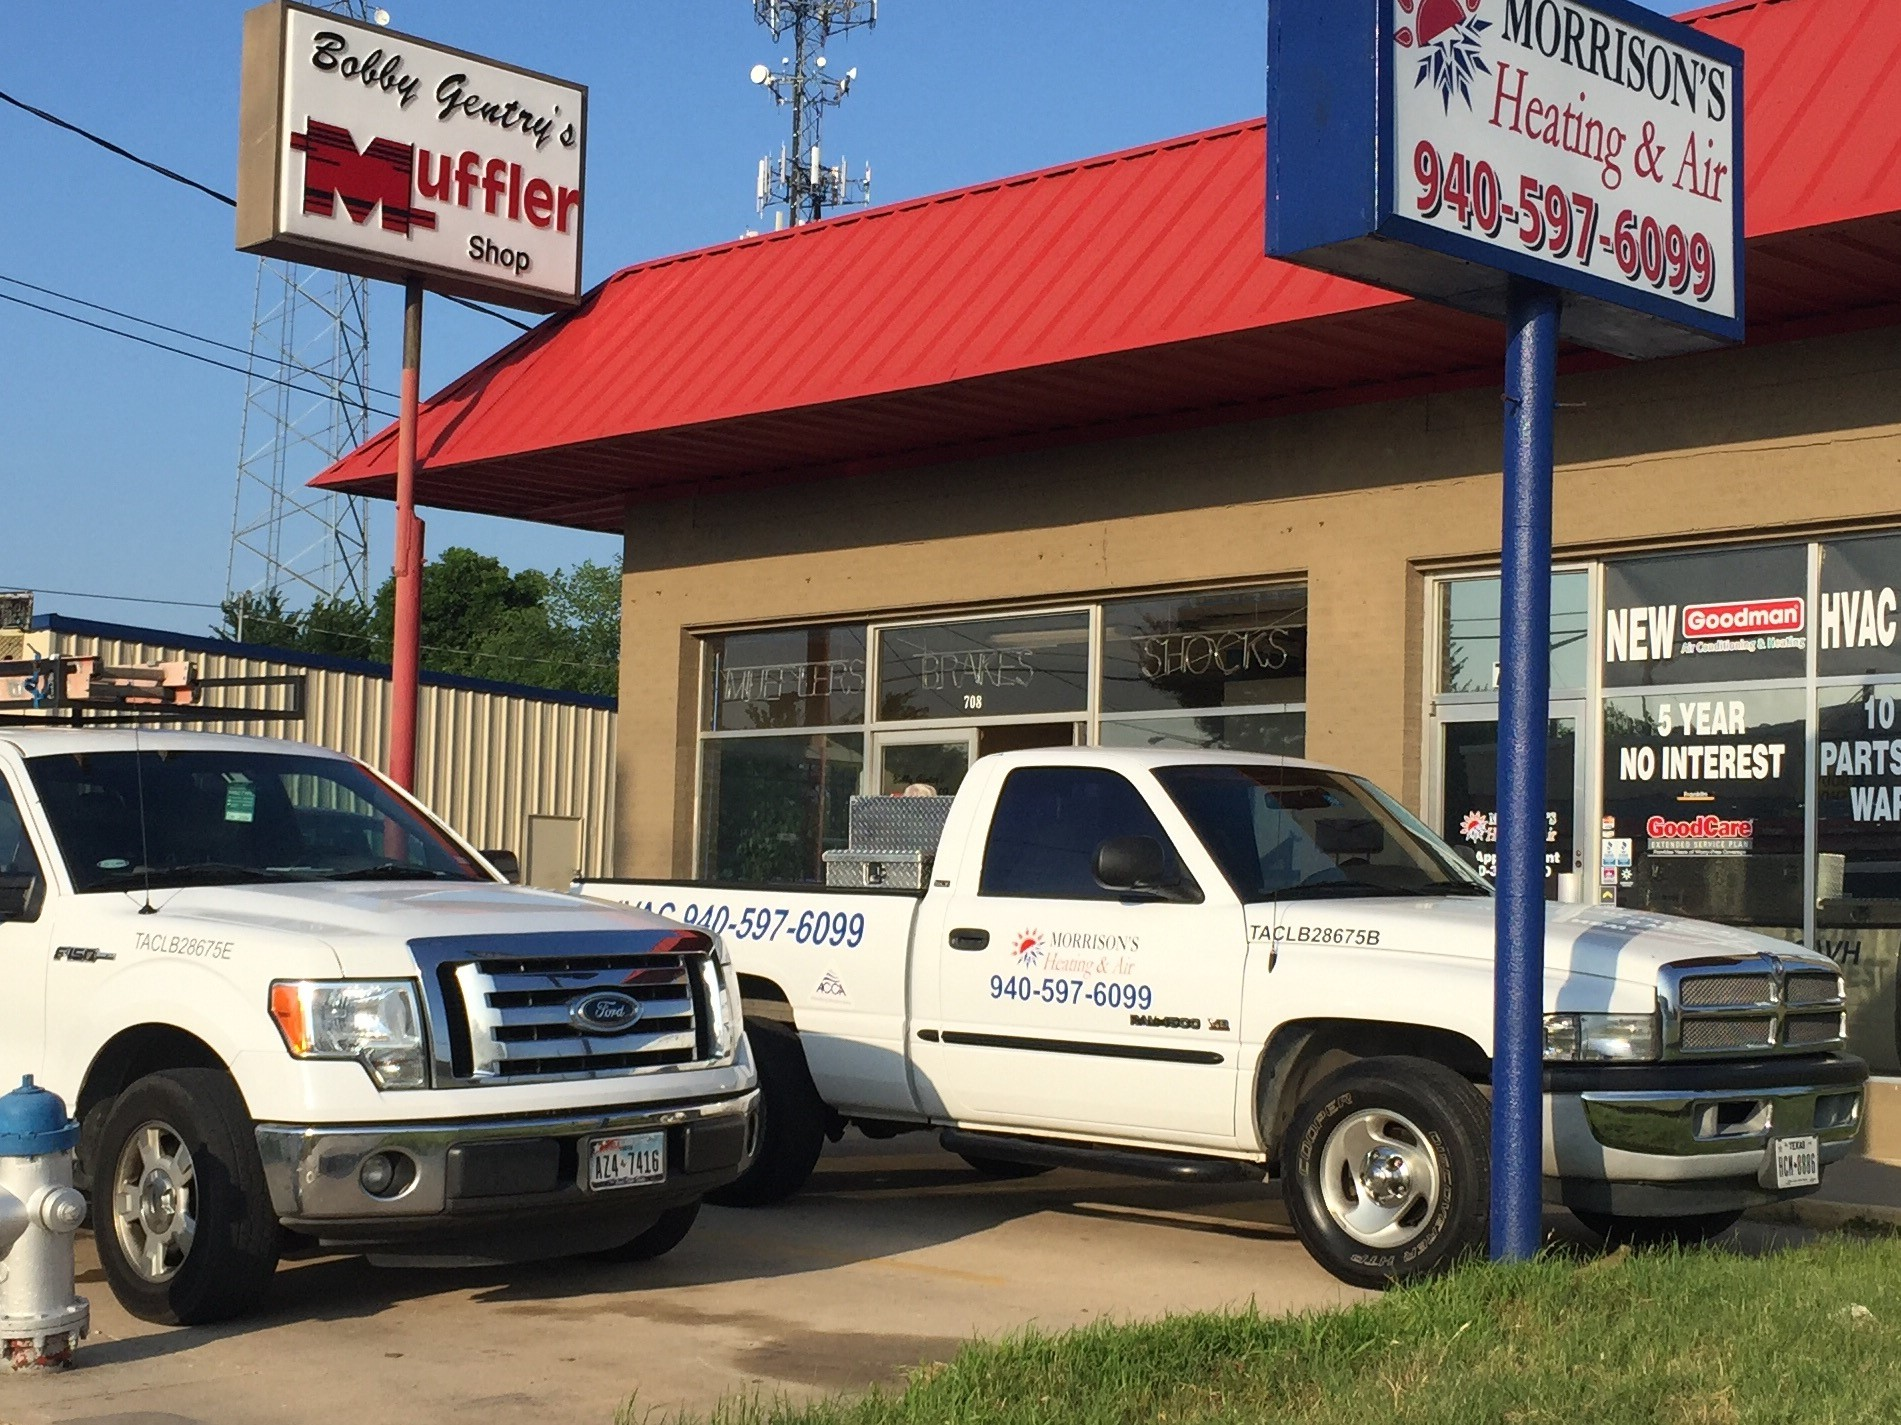 Morrison's Heating & Air - Denton, Texas